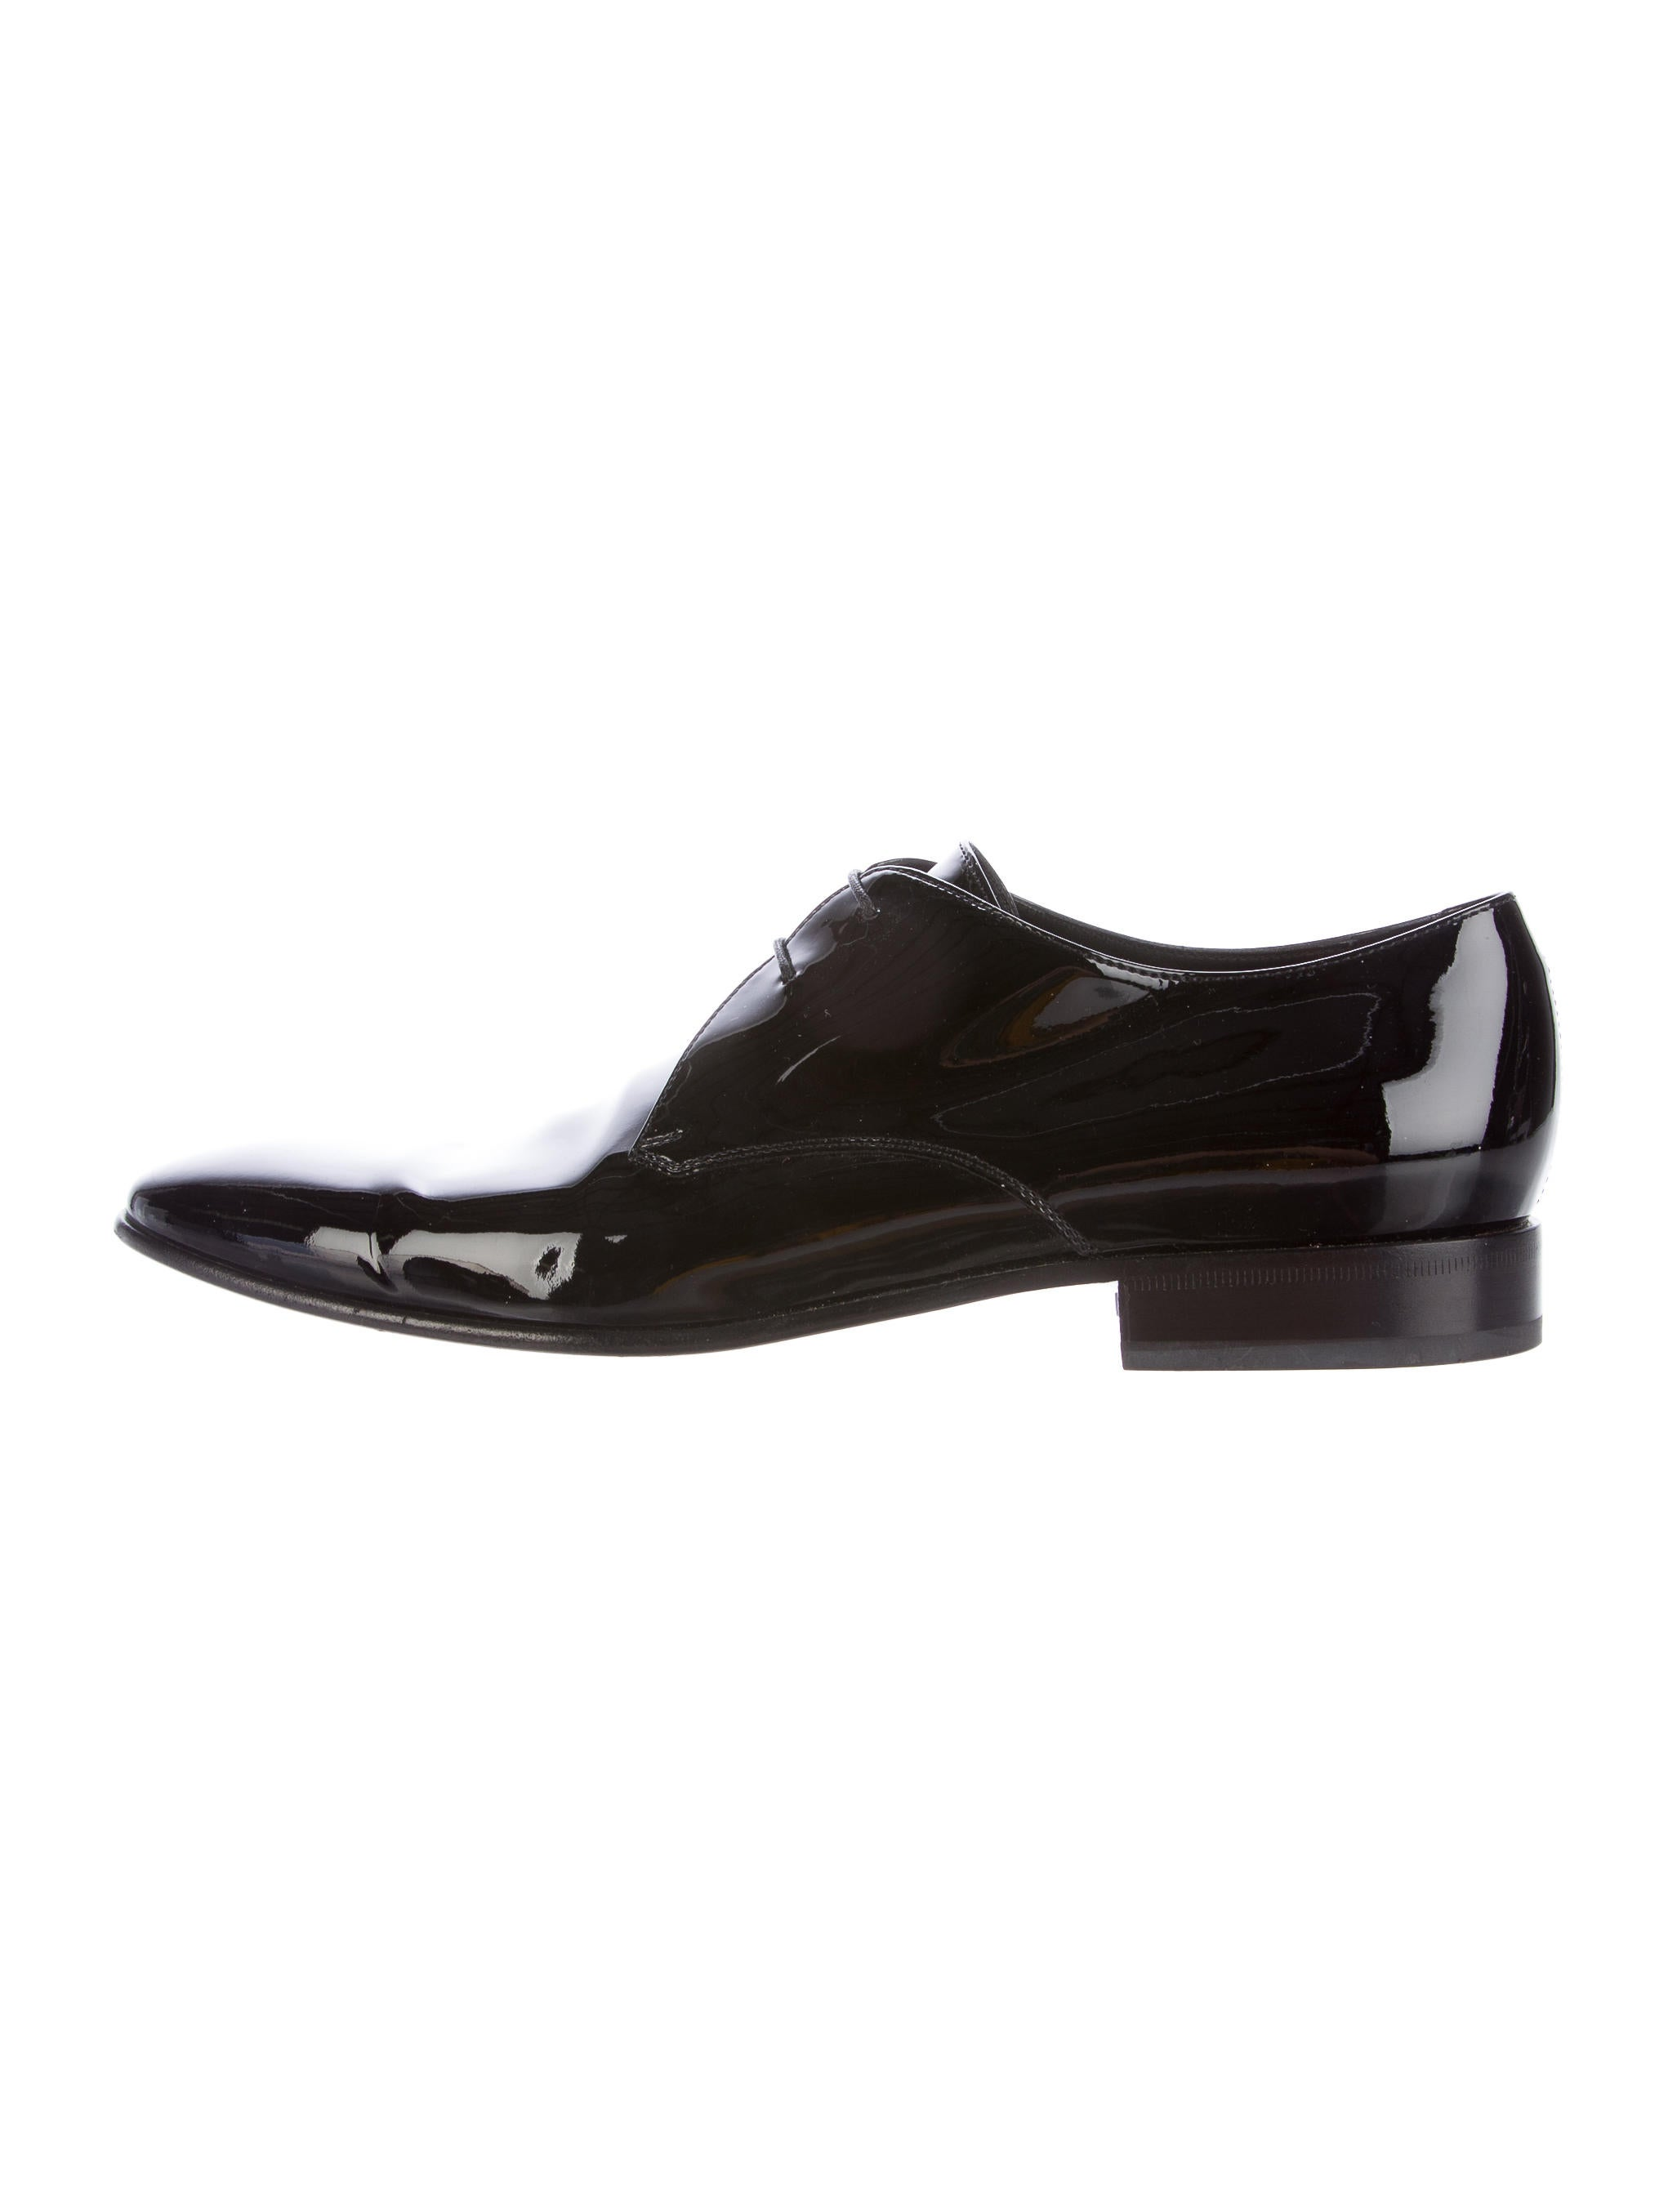 salvatore ferragamo patent leather derby shoes shoes